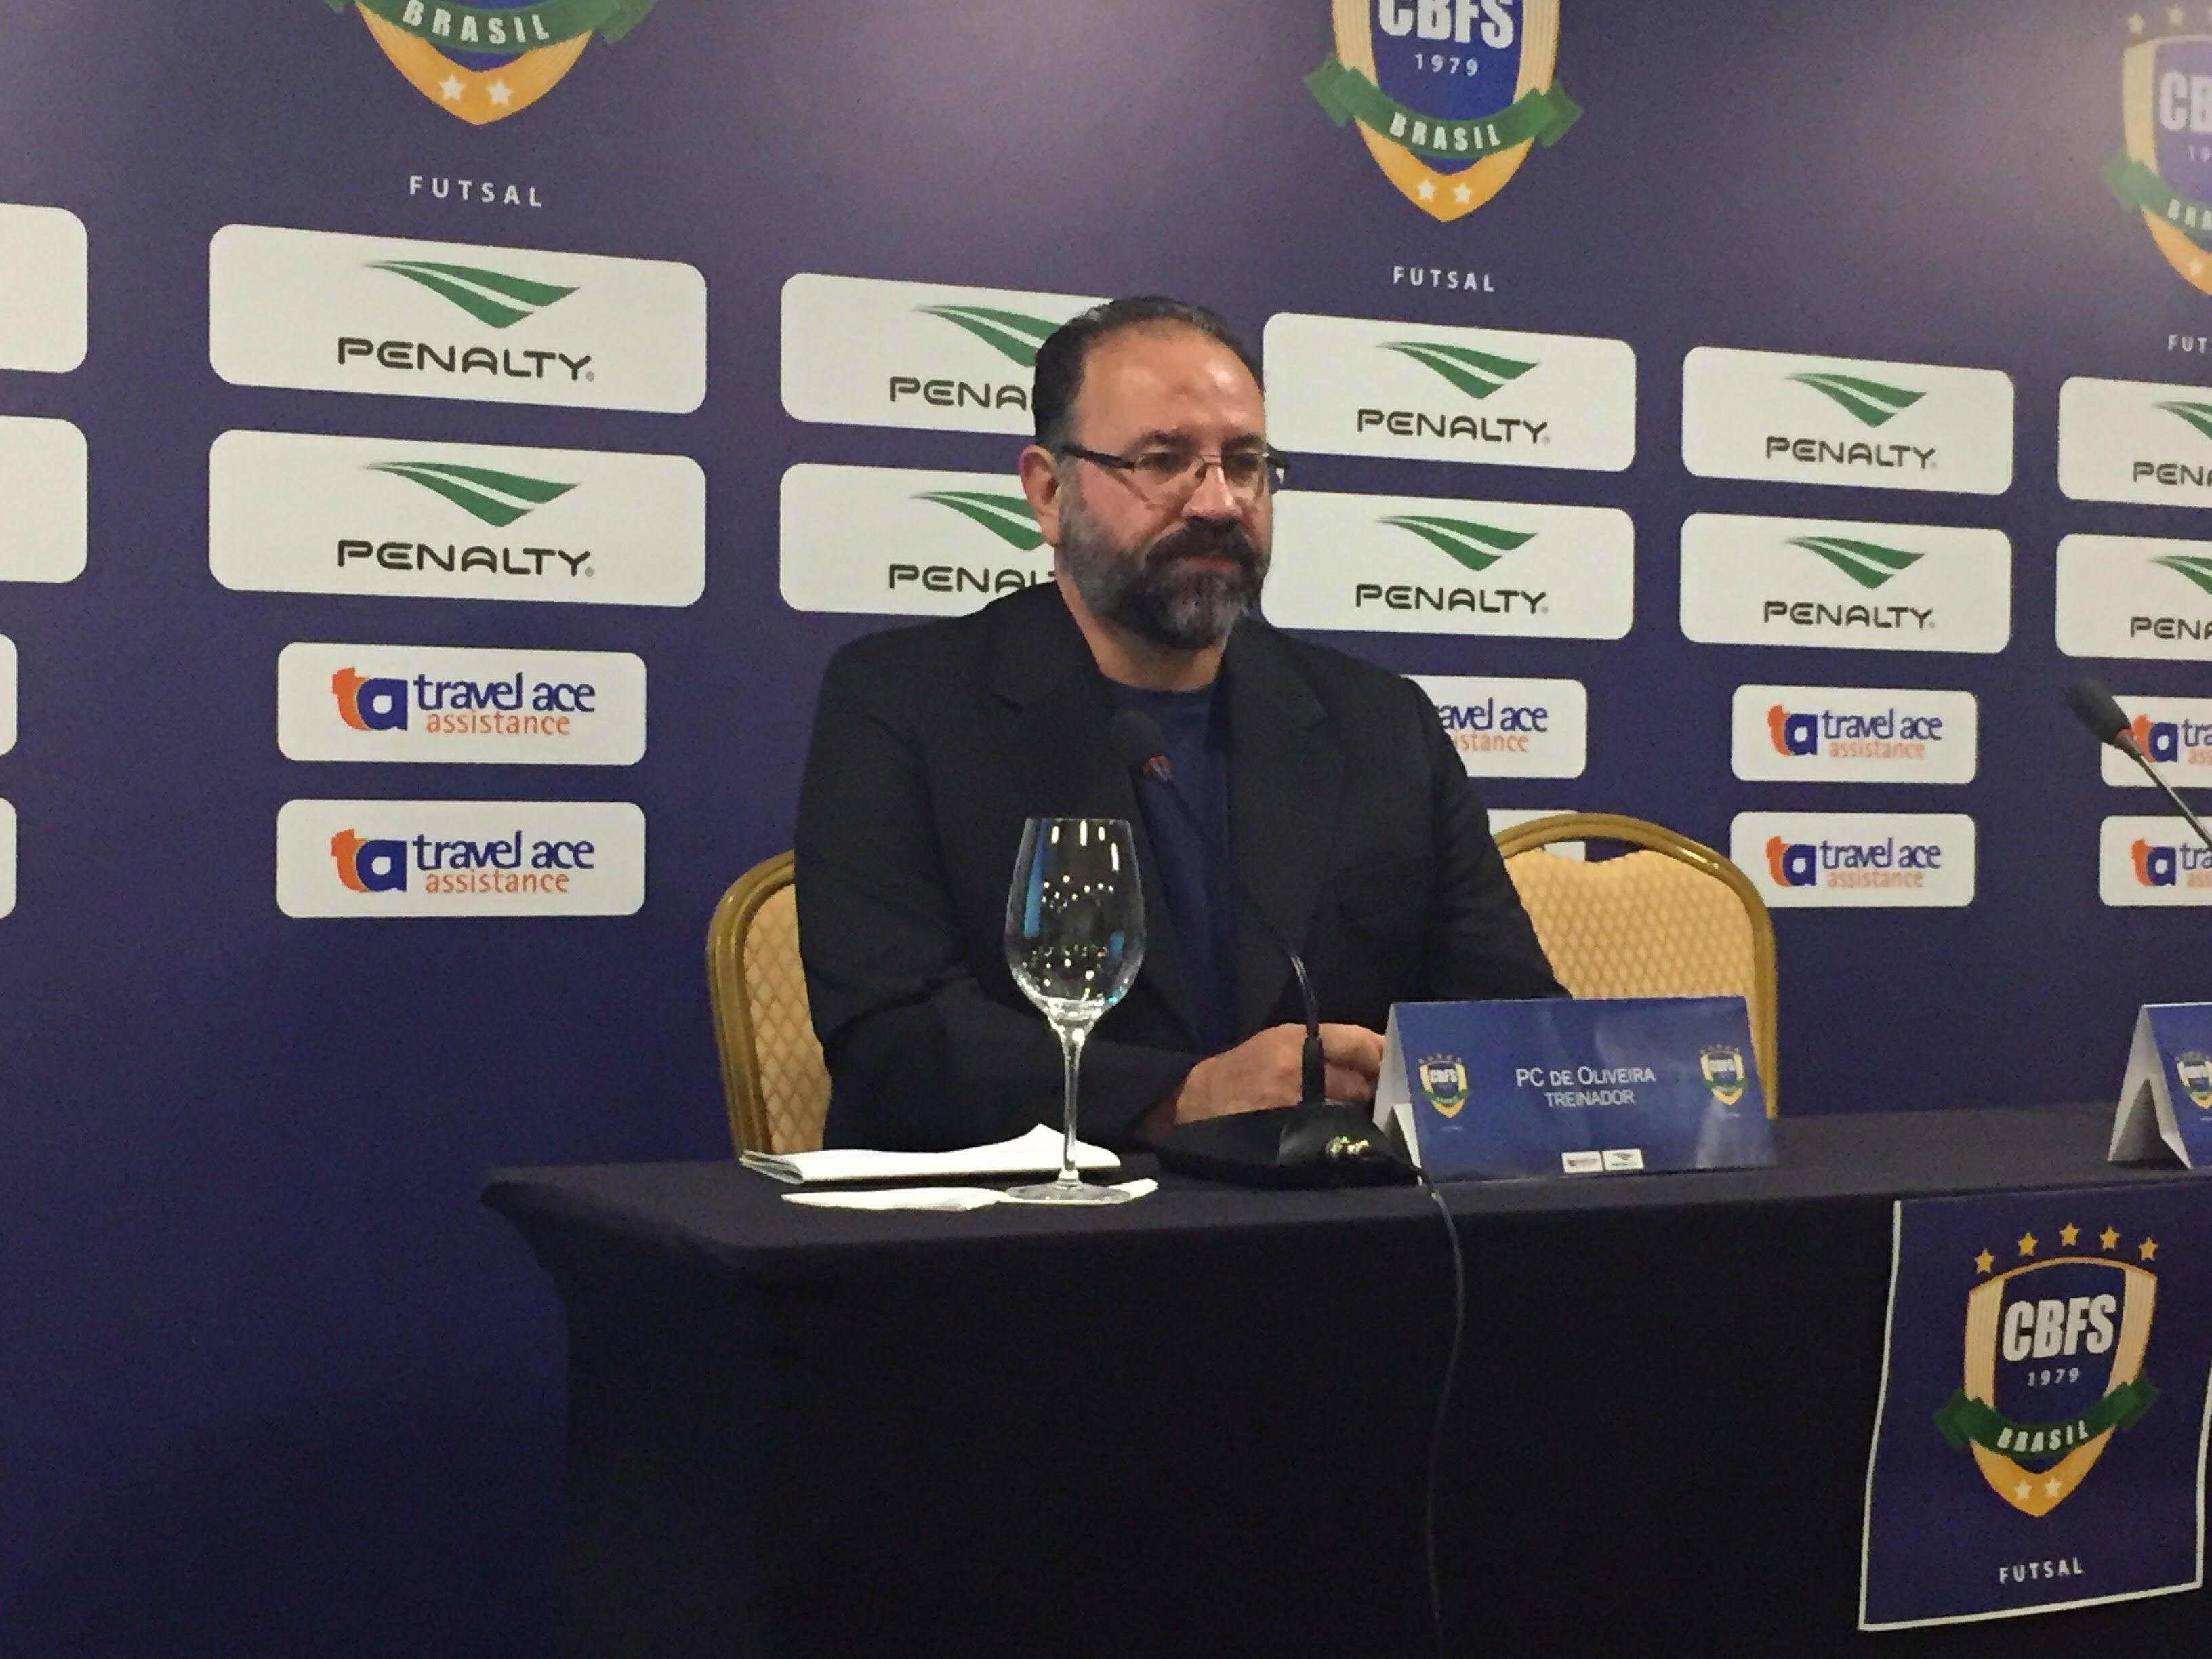 """PC Oliveira assume seleção e diz que futsal foi """"estuprado"""" nos últimos anos #globoesporte"""